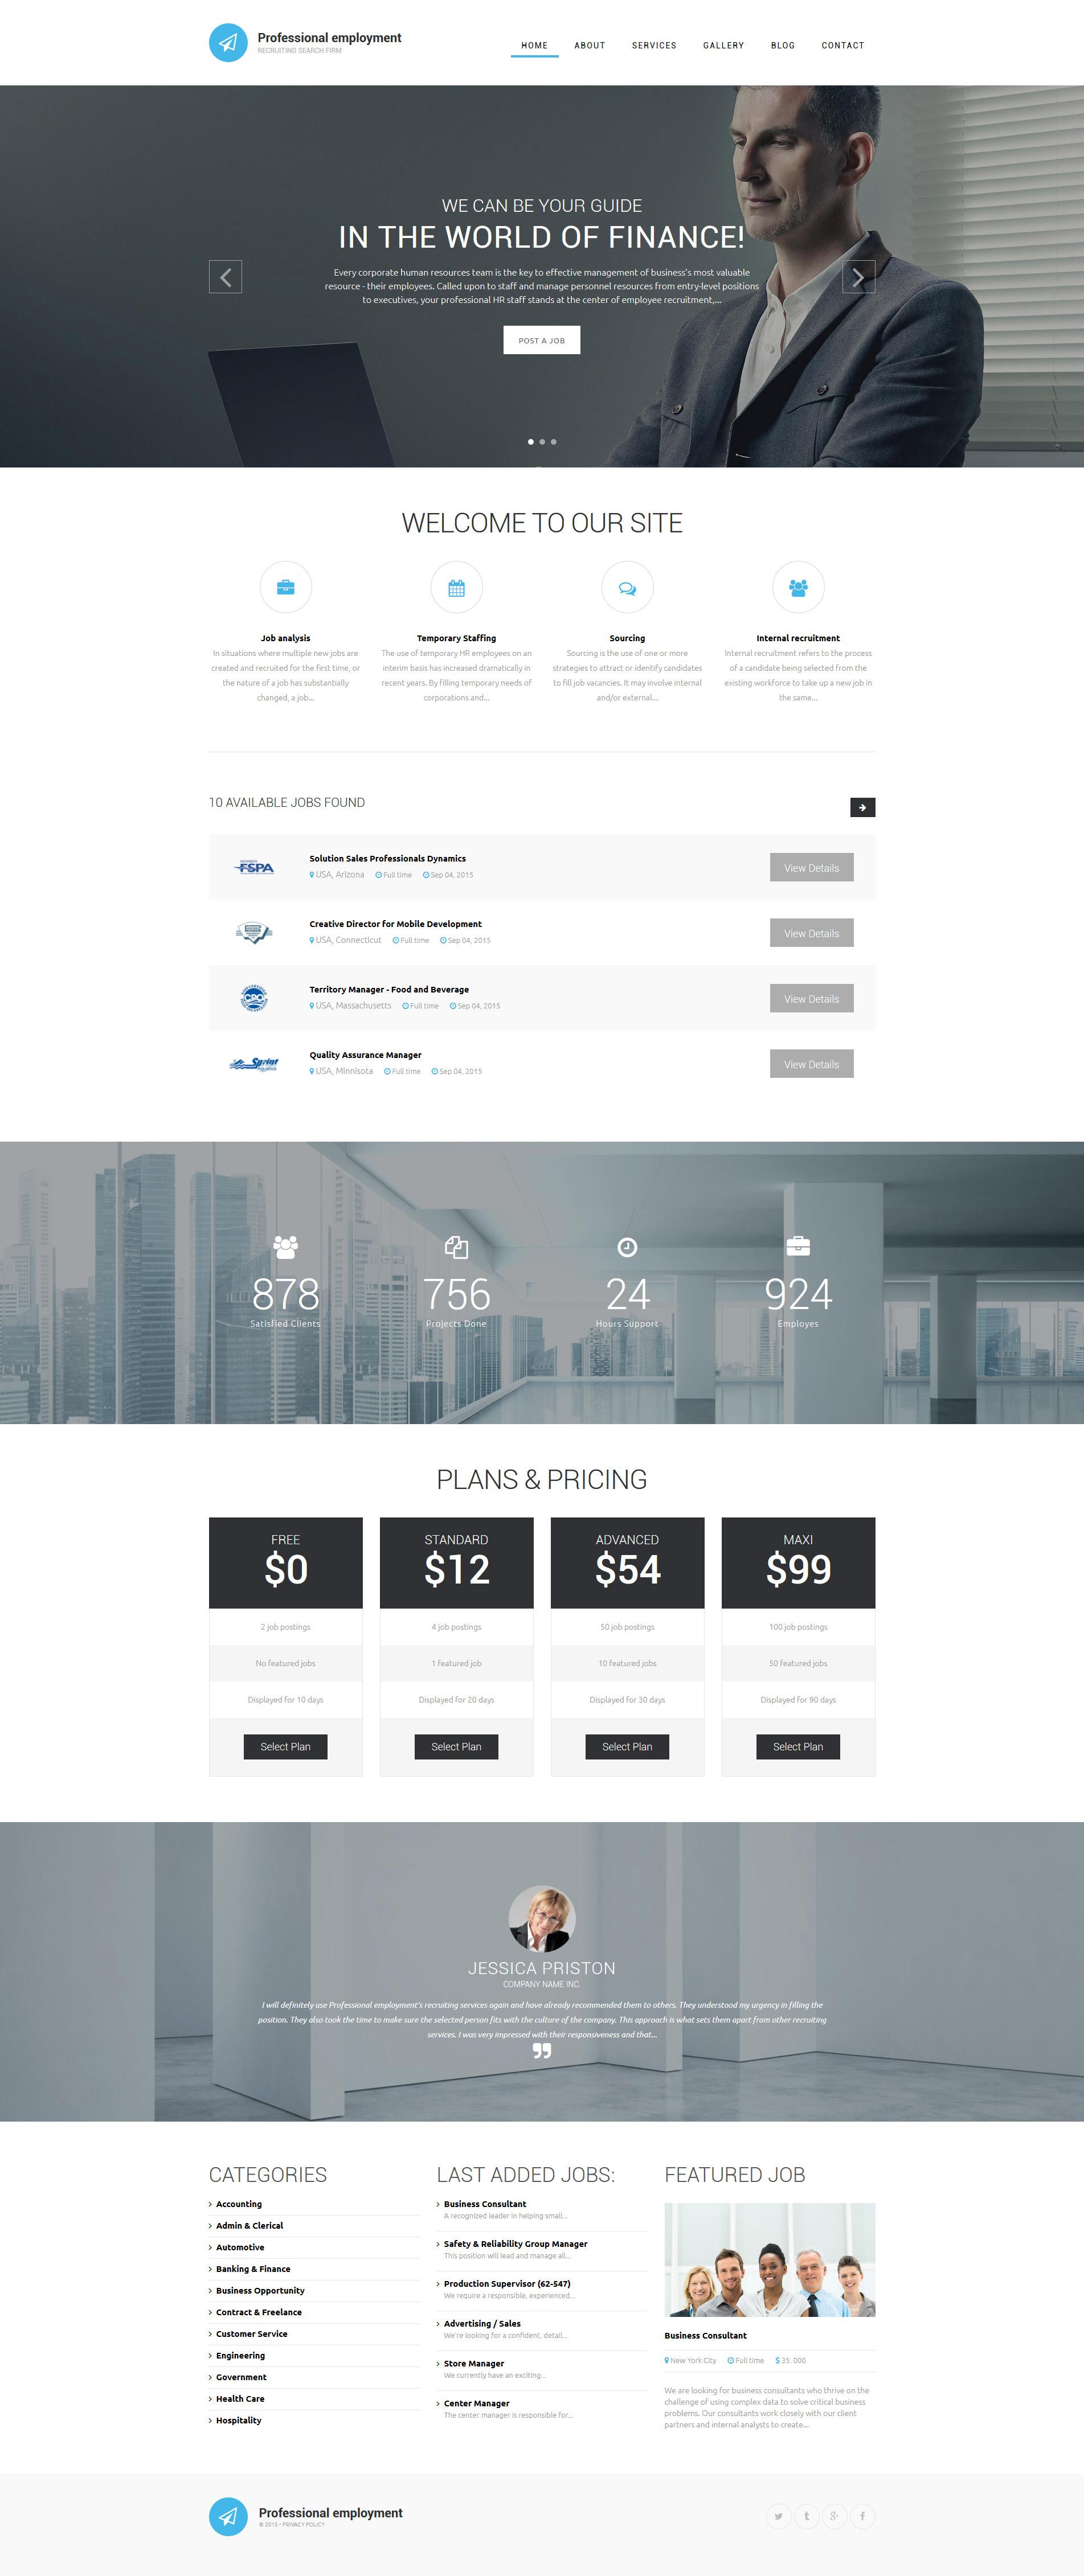 Professional Employment Template Drupal №55959 - screenshot